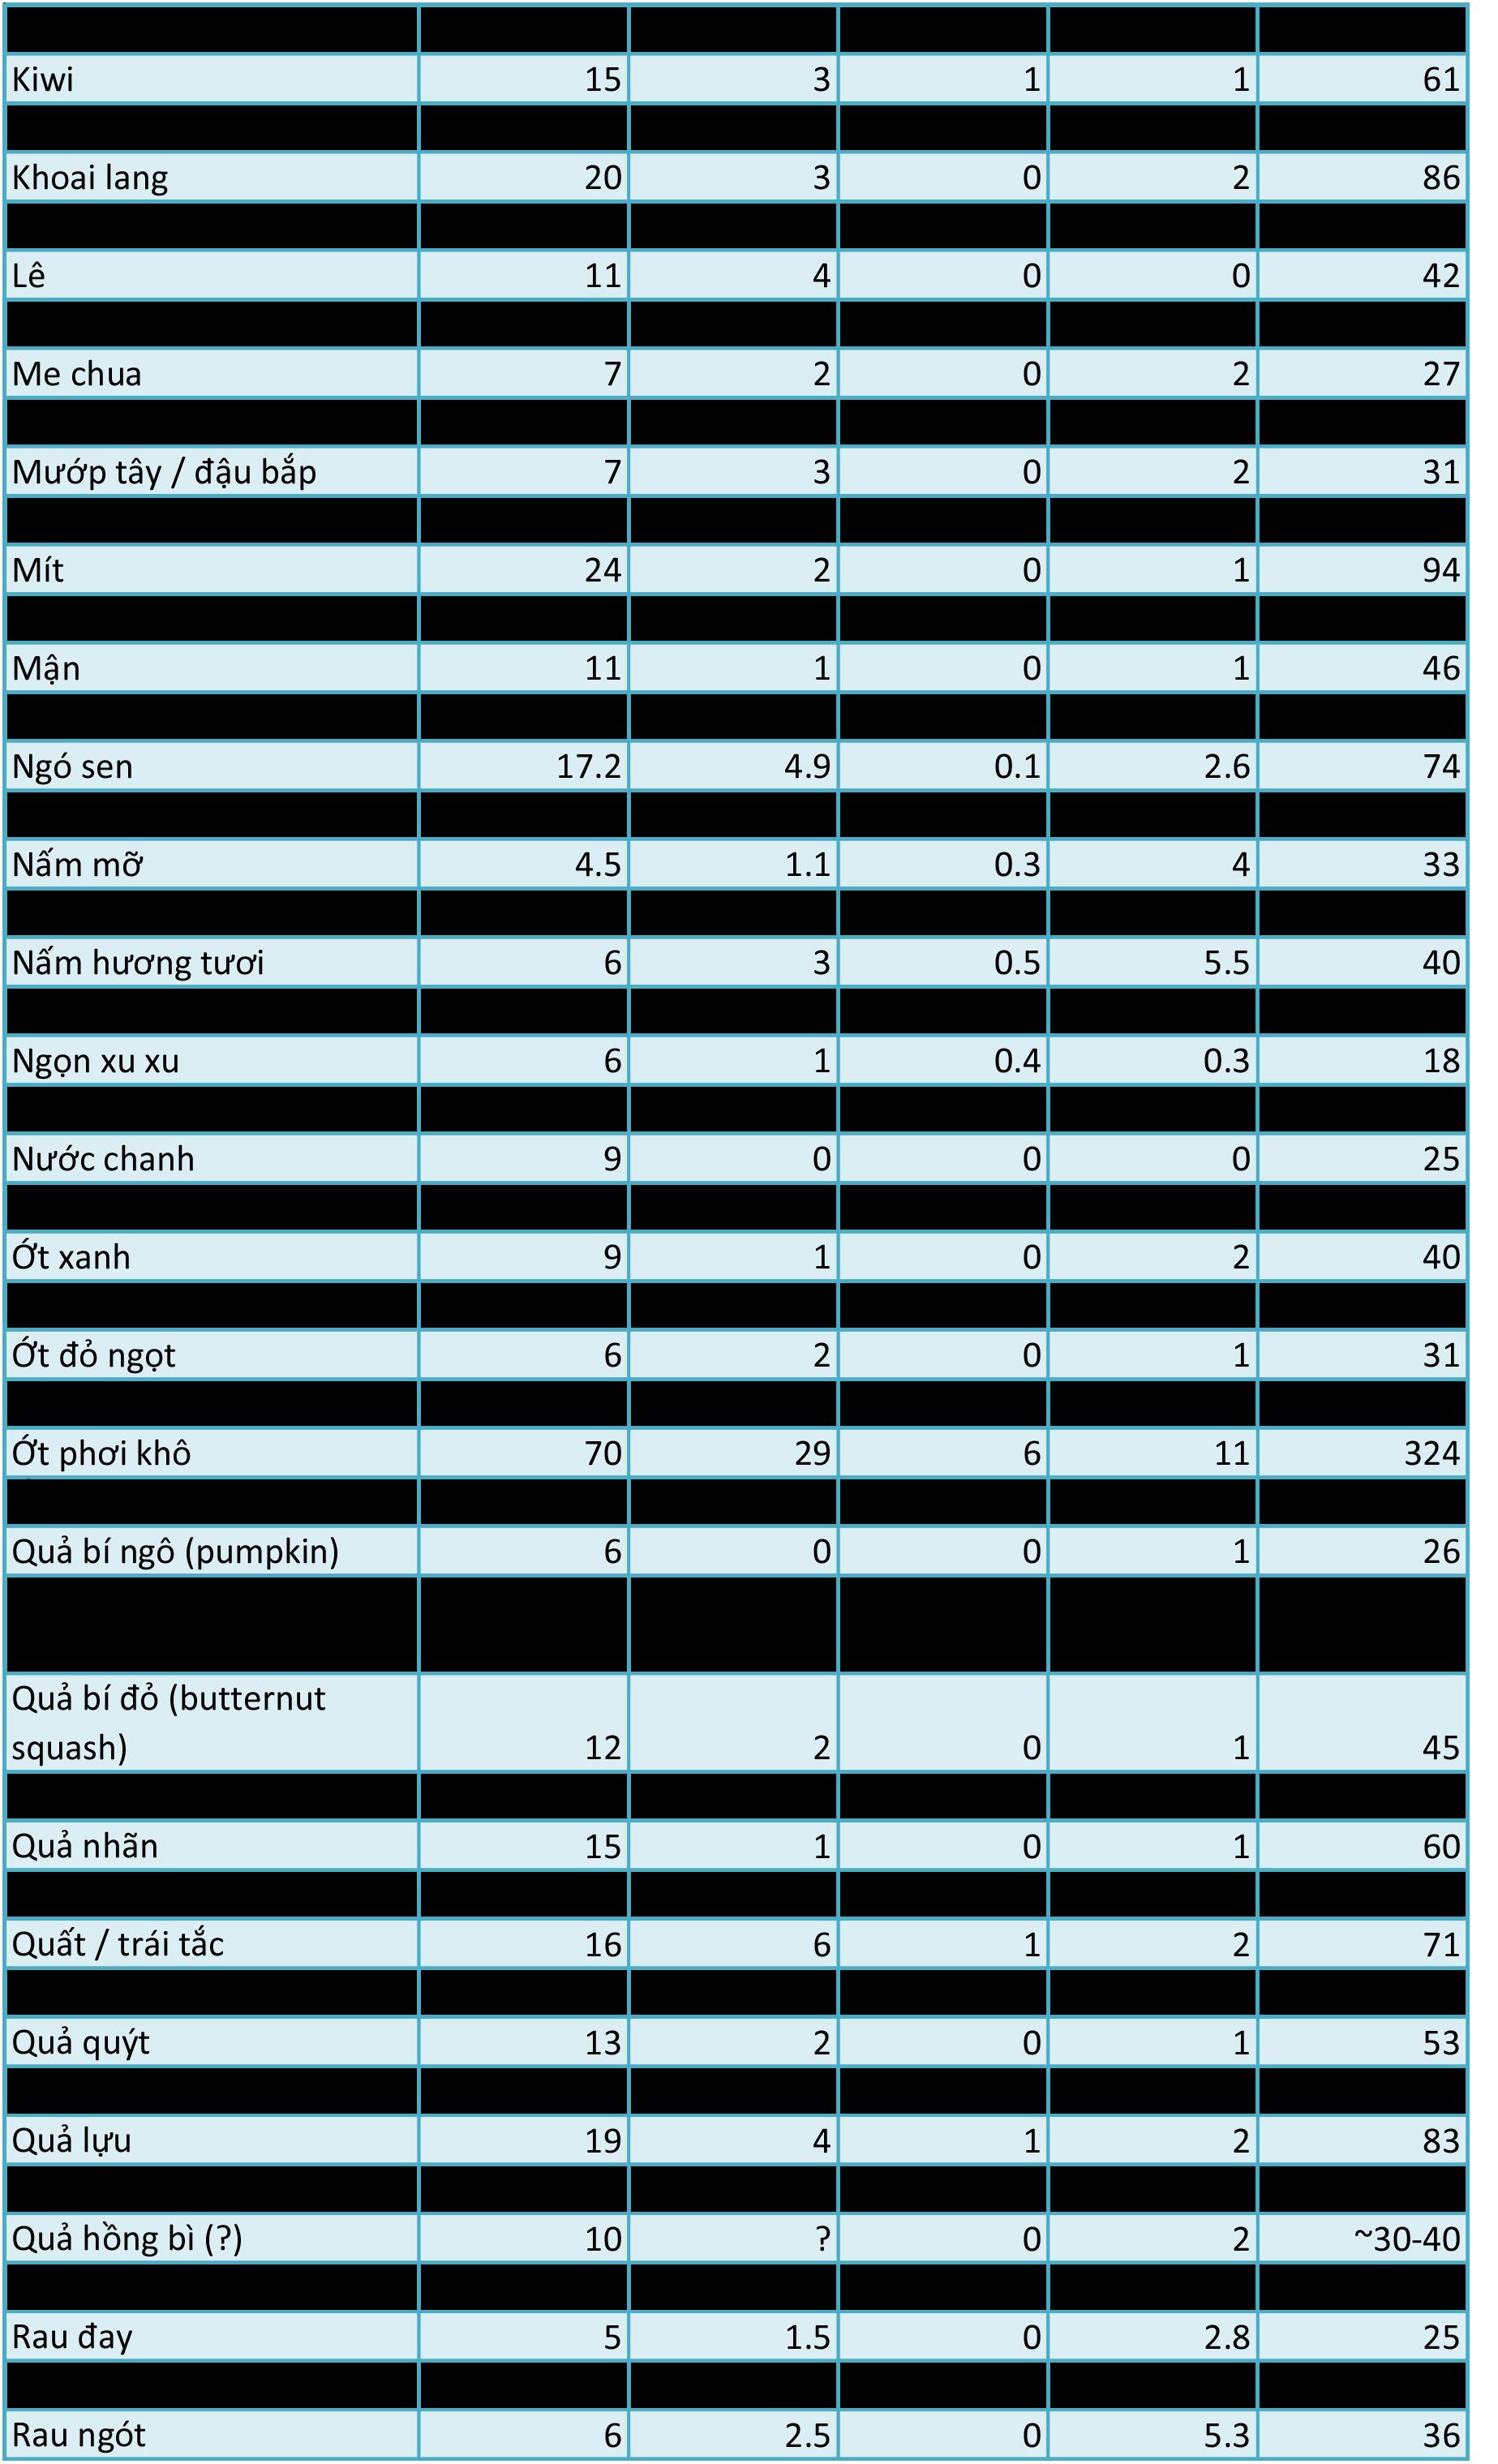 Bảng tra cứu lượng carb, fat, protein và calo trong thực phẩm thực vật - Ảnh 3.